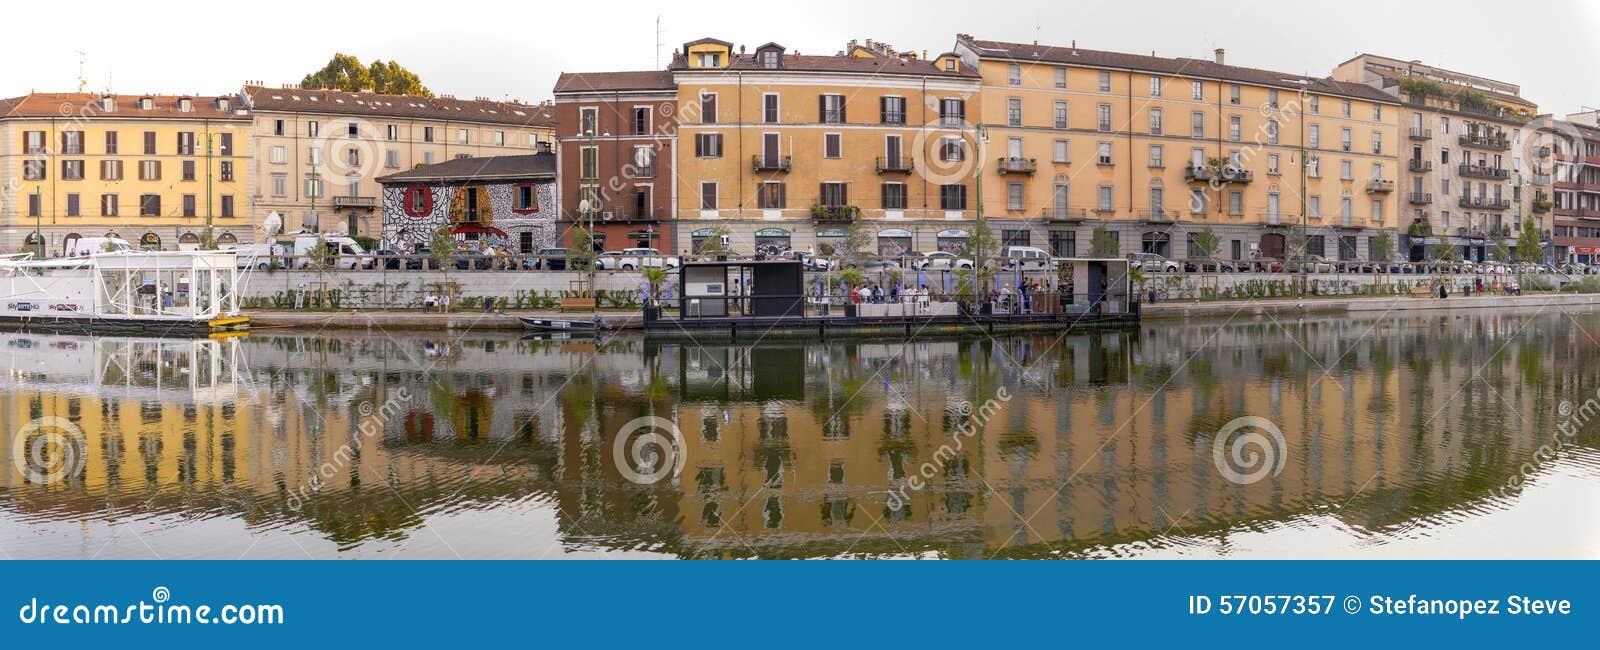 Darsena, de stad van Milaan, de zomernacht Het beeld van de kleur